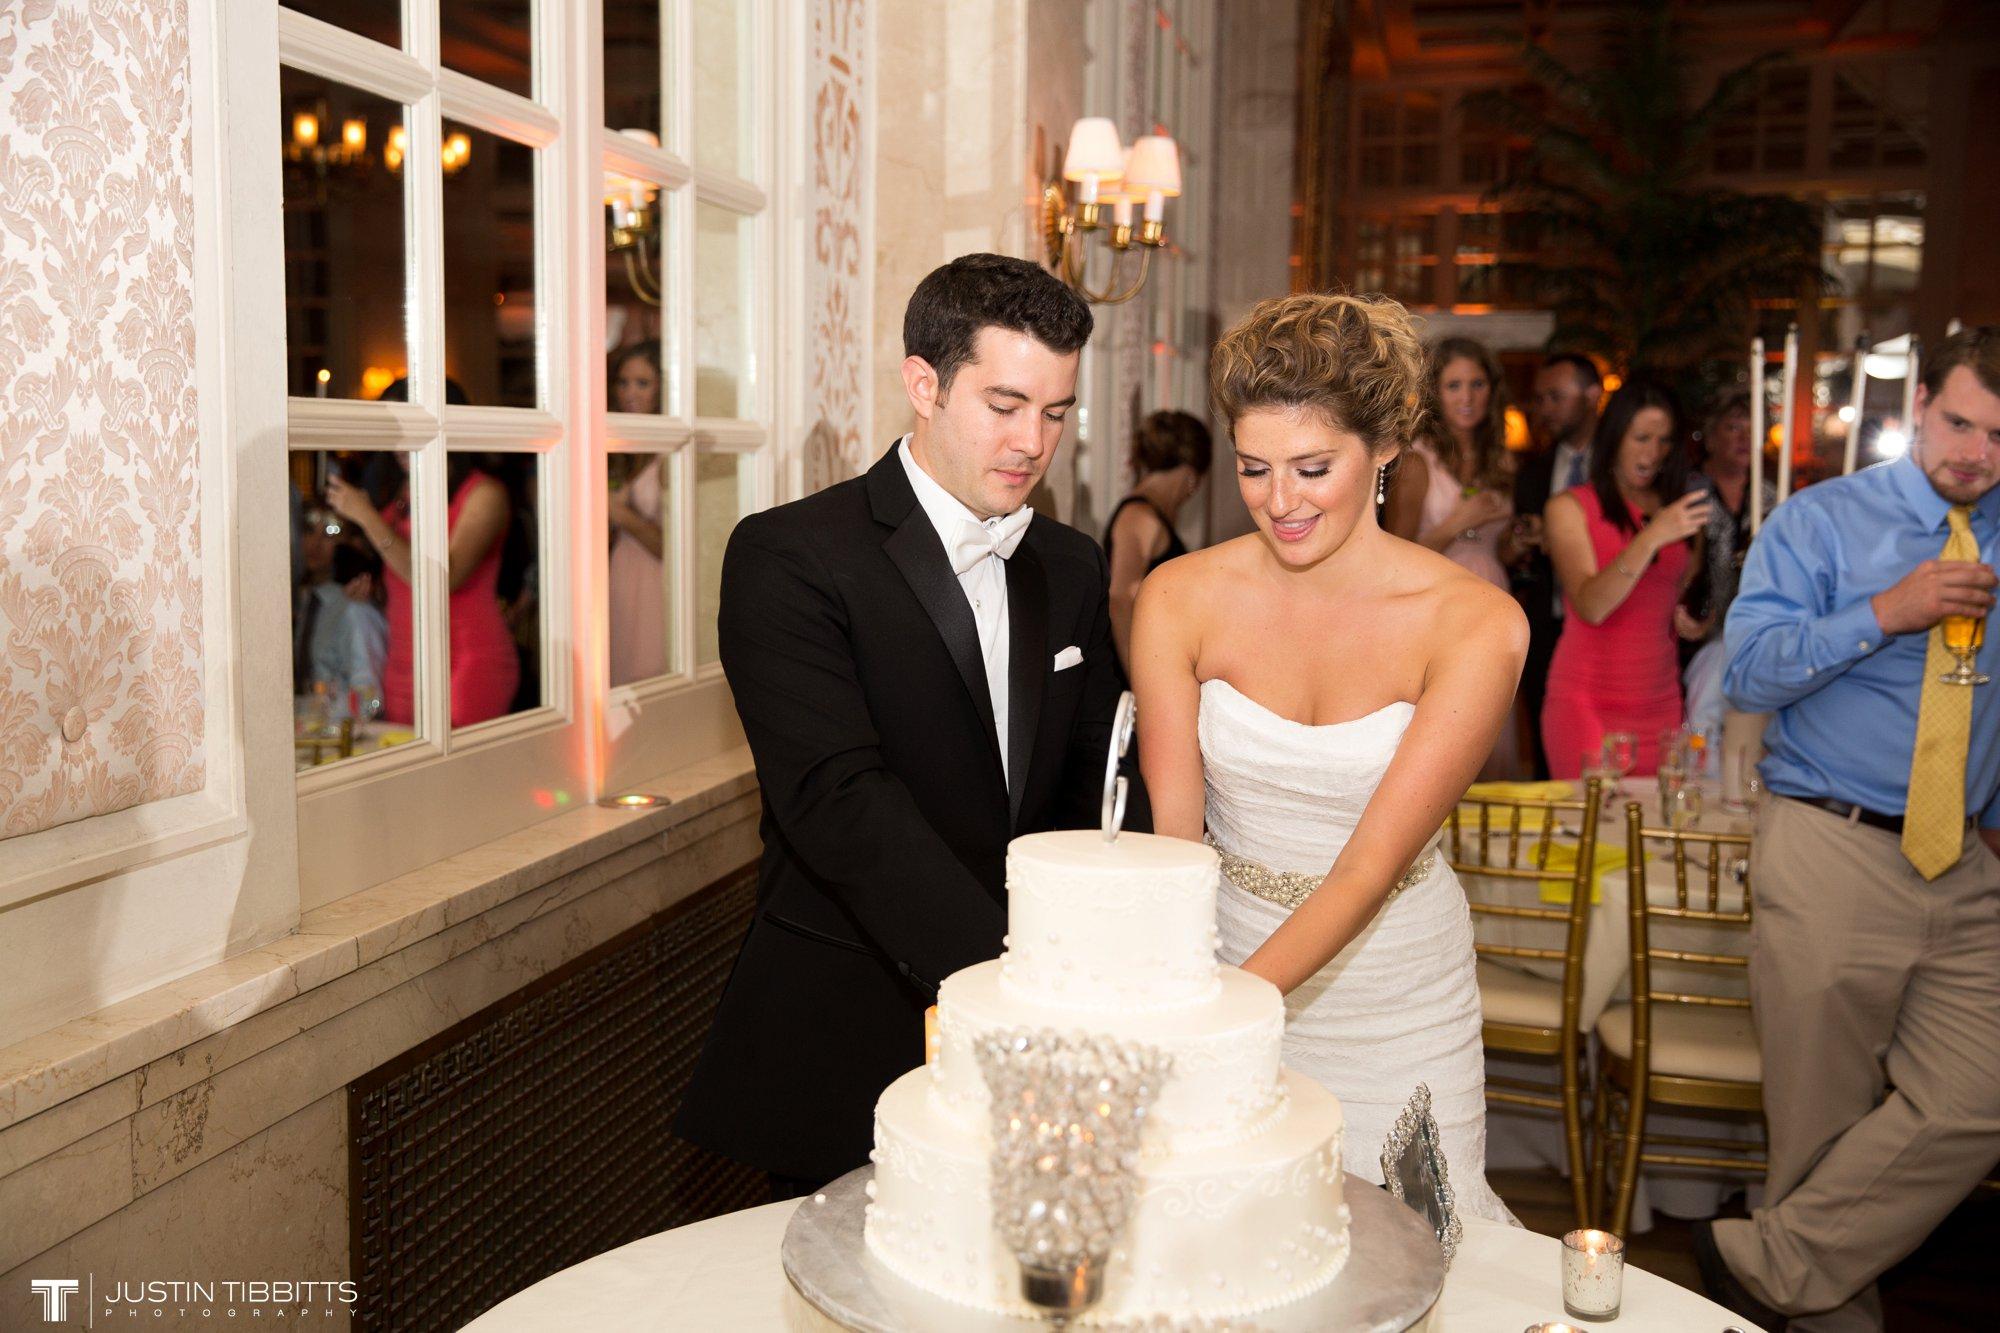 Albany NY Wedding Photographer Justin Tibbitts Photography Albany NY Best of Weddings14Albany NY Wedding Photographer Justin Tibbitts Photography Albany NY Best of Weddings26